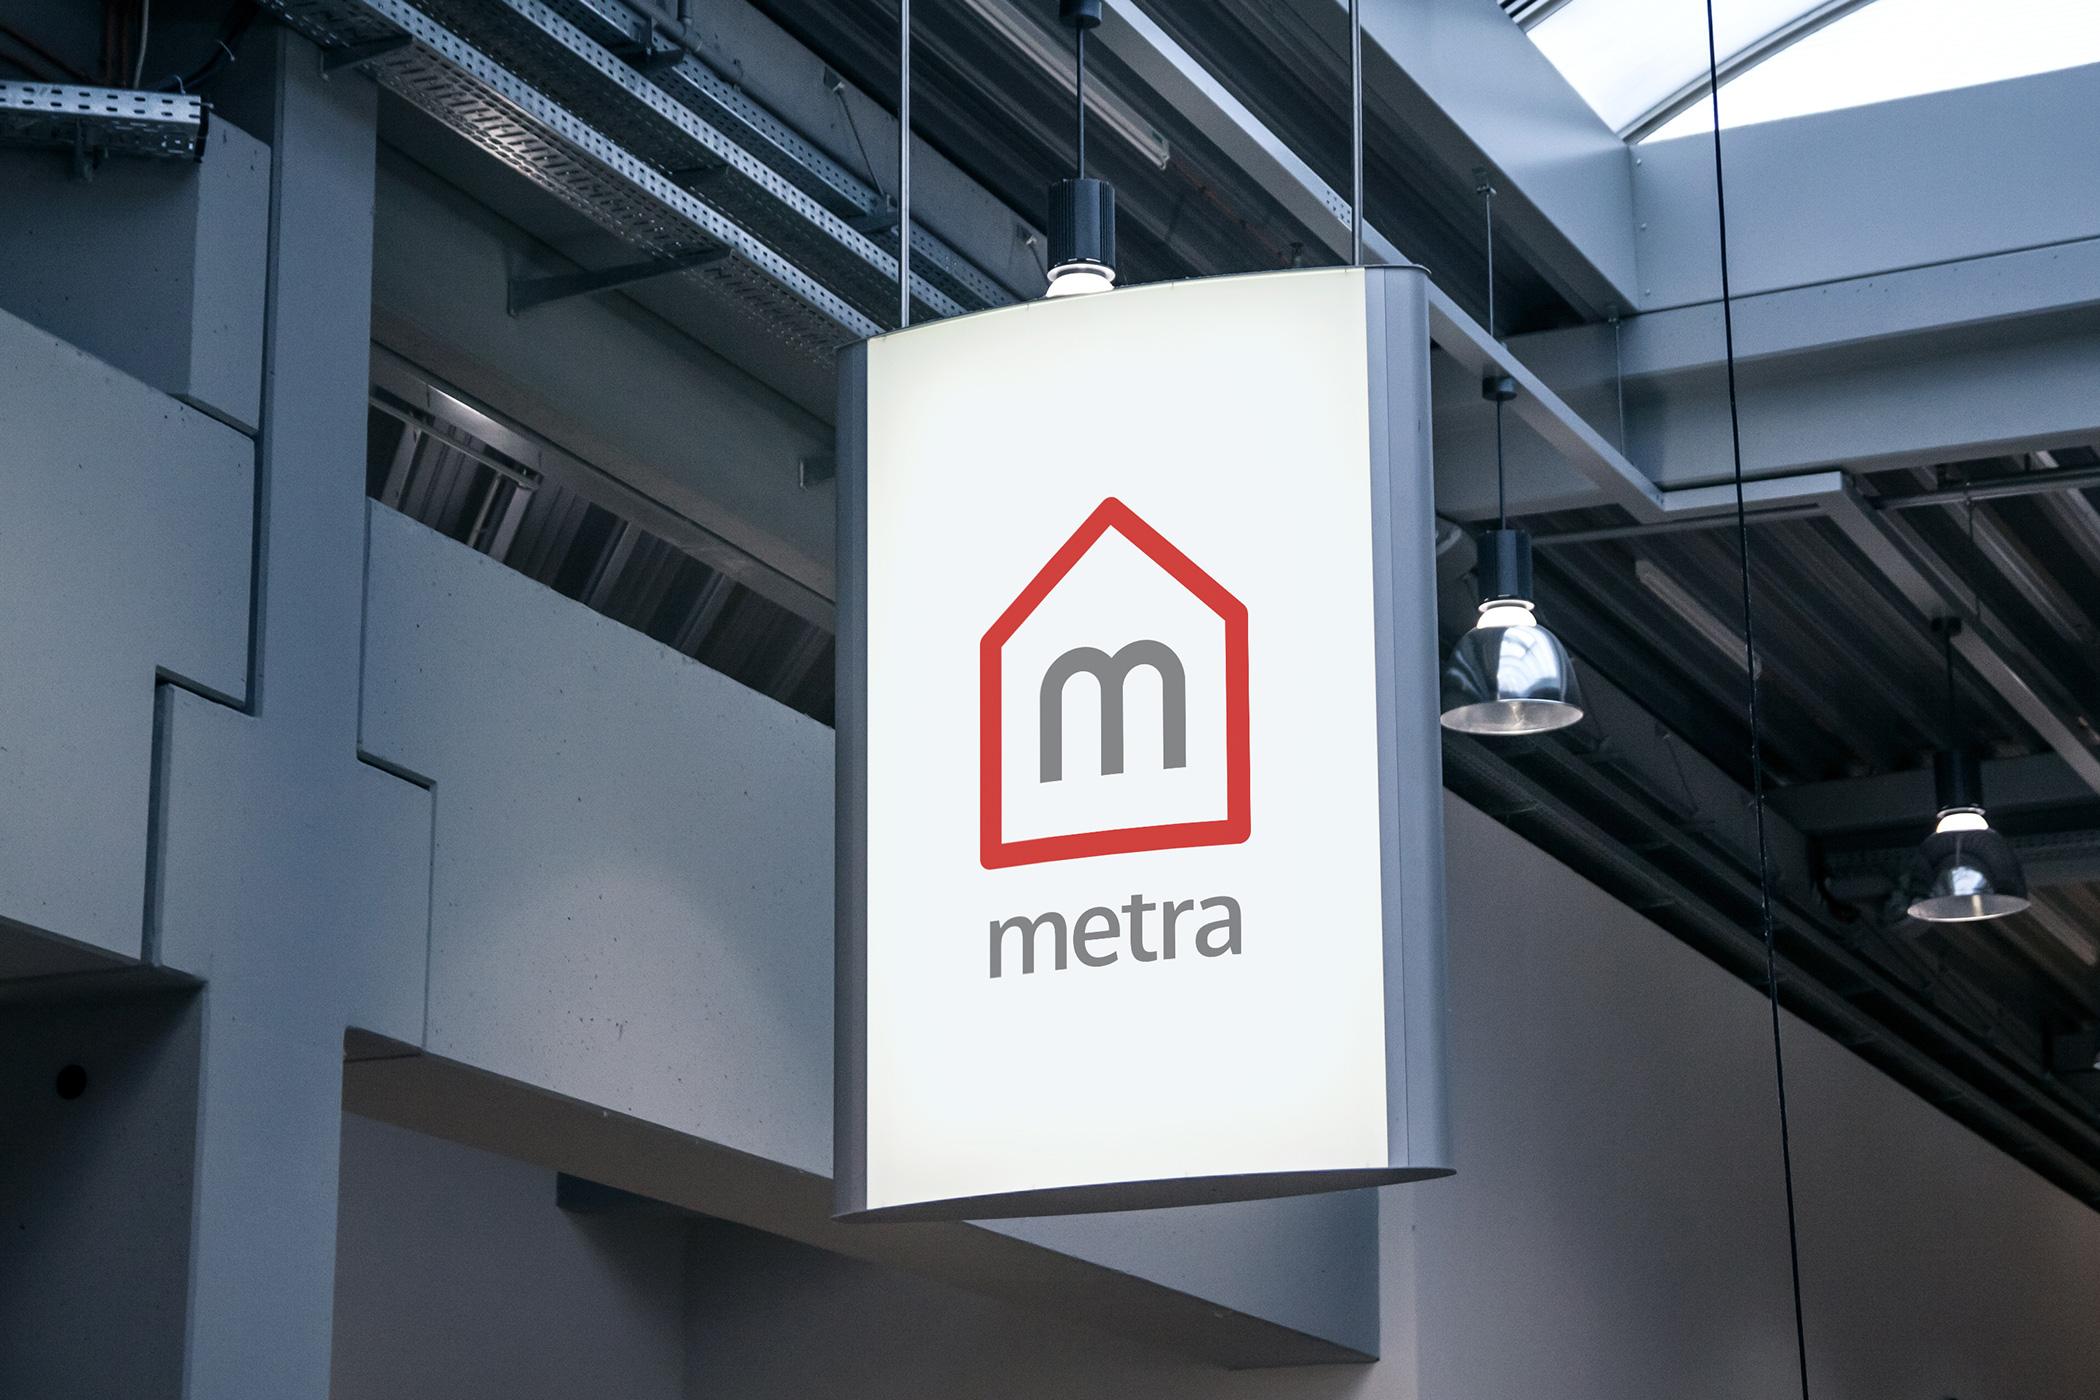 metra_5